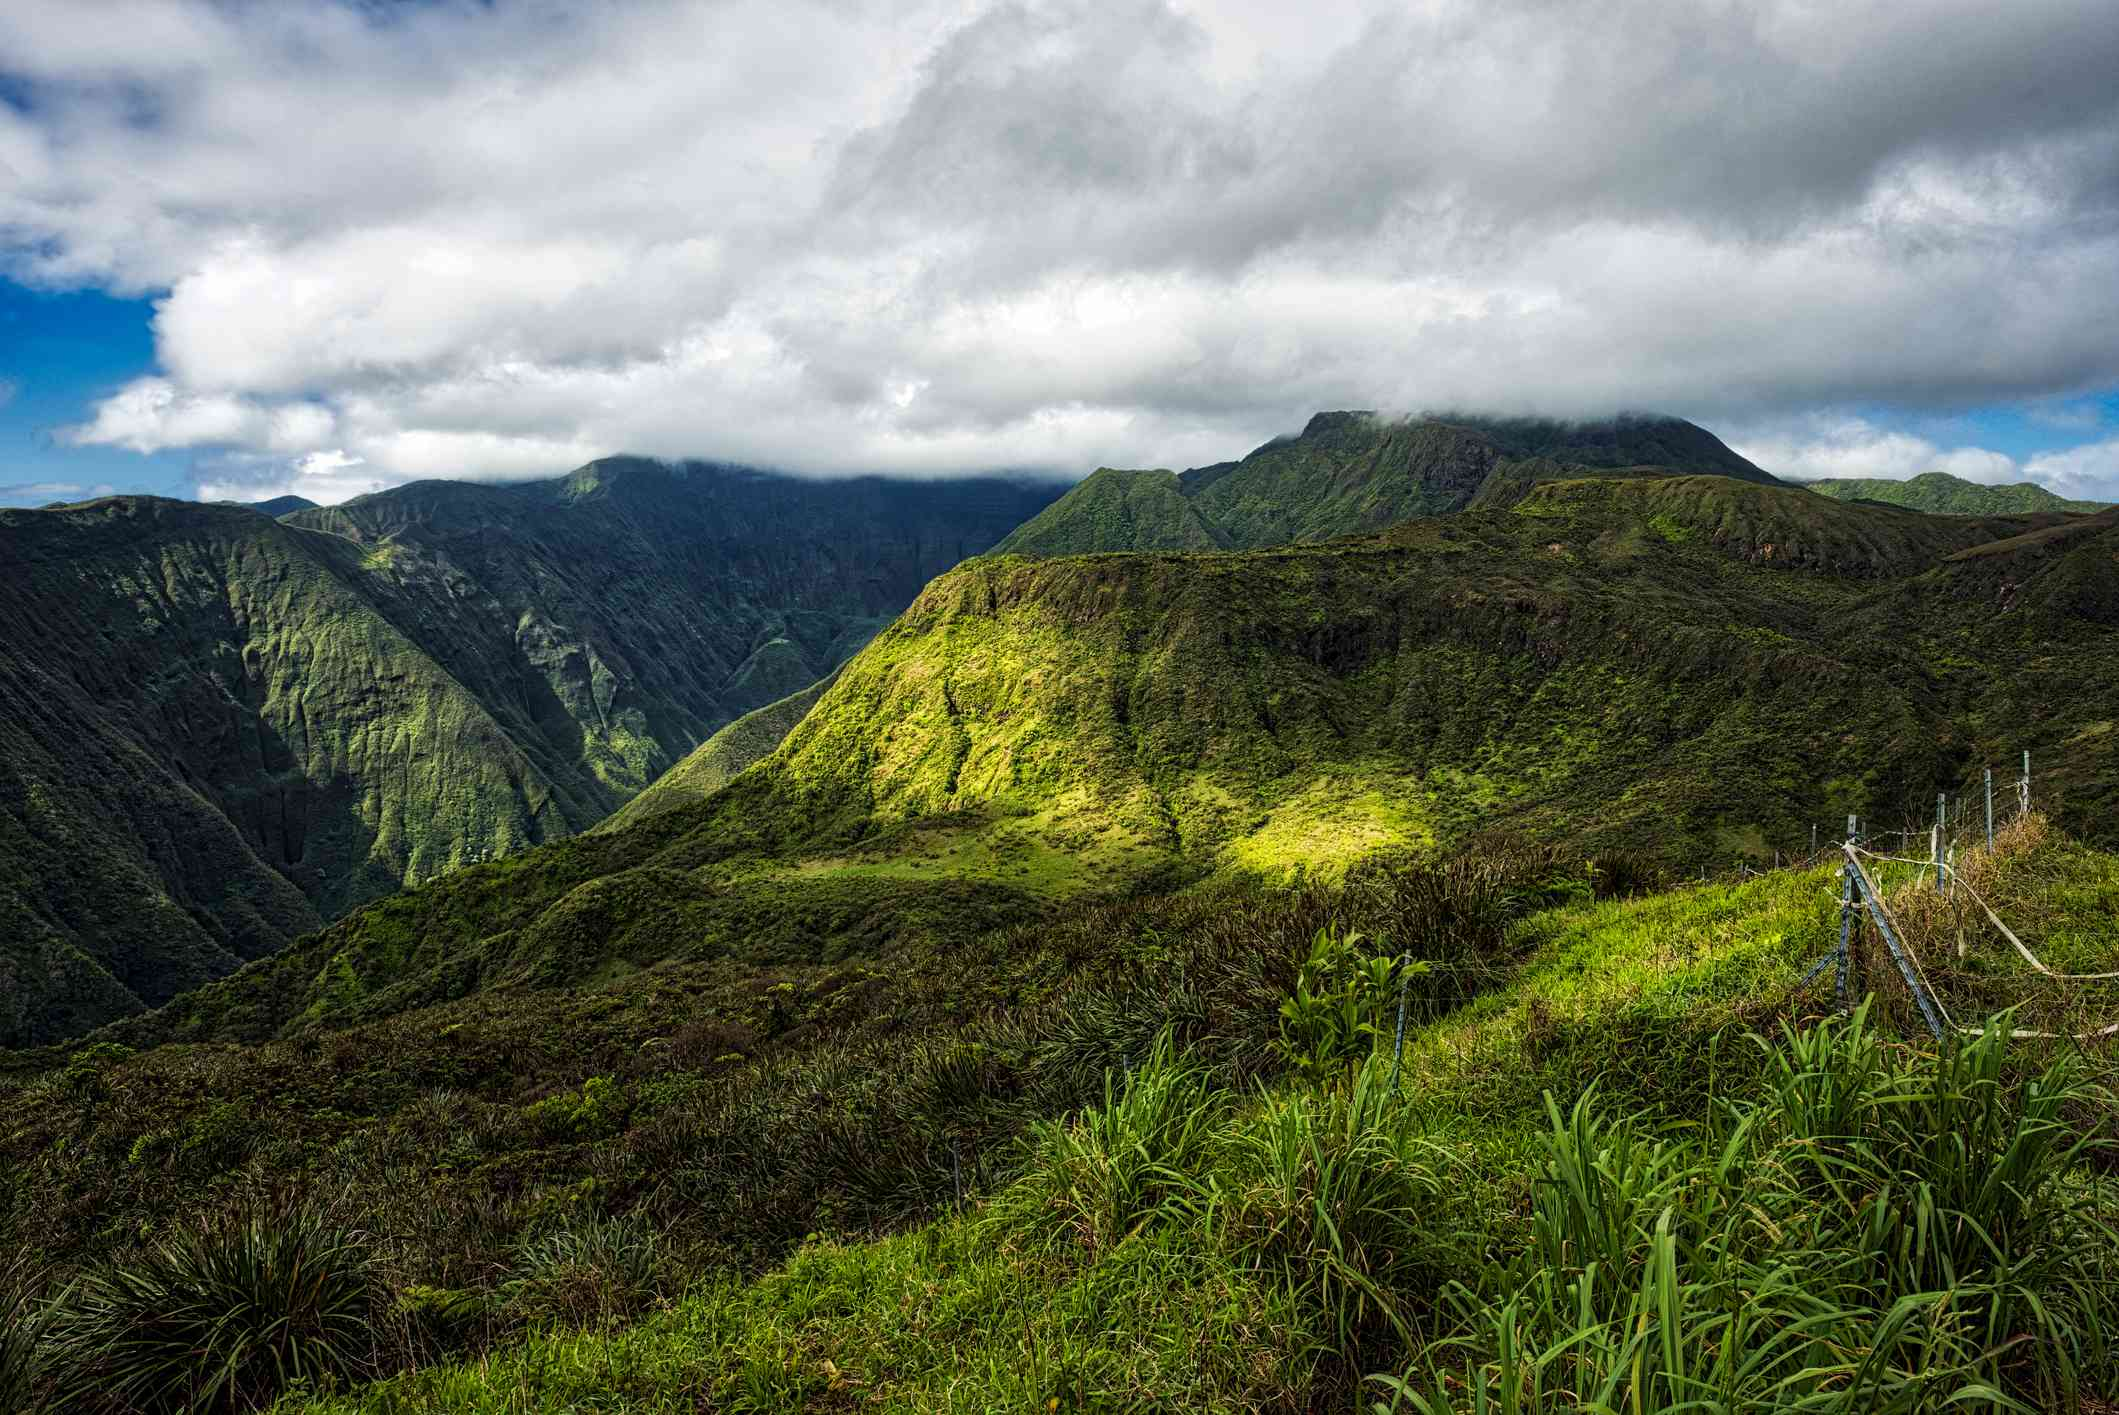 Waihee ridge trail in Wailuku, Maui